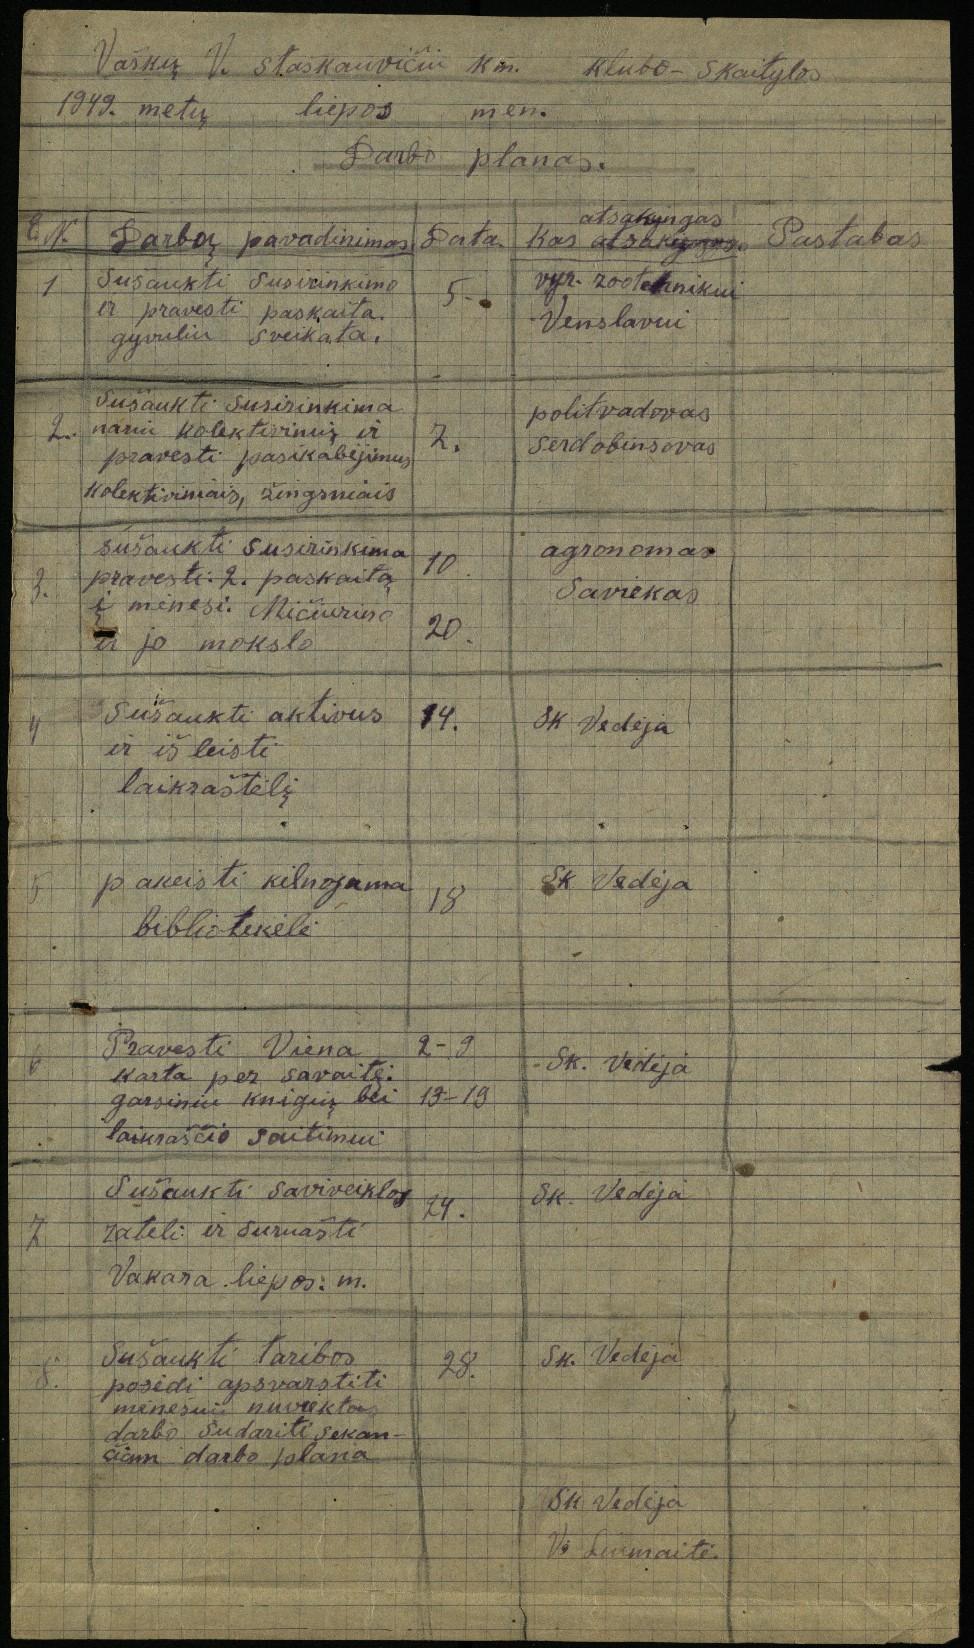 Vaškų vlsč. Staškavičių k. klubo-skaityklos darbo planas, 1949 m. liepos mėn.